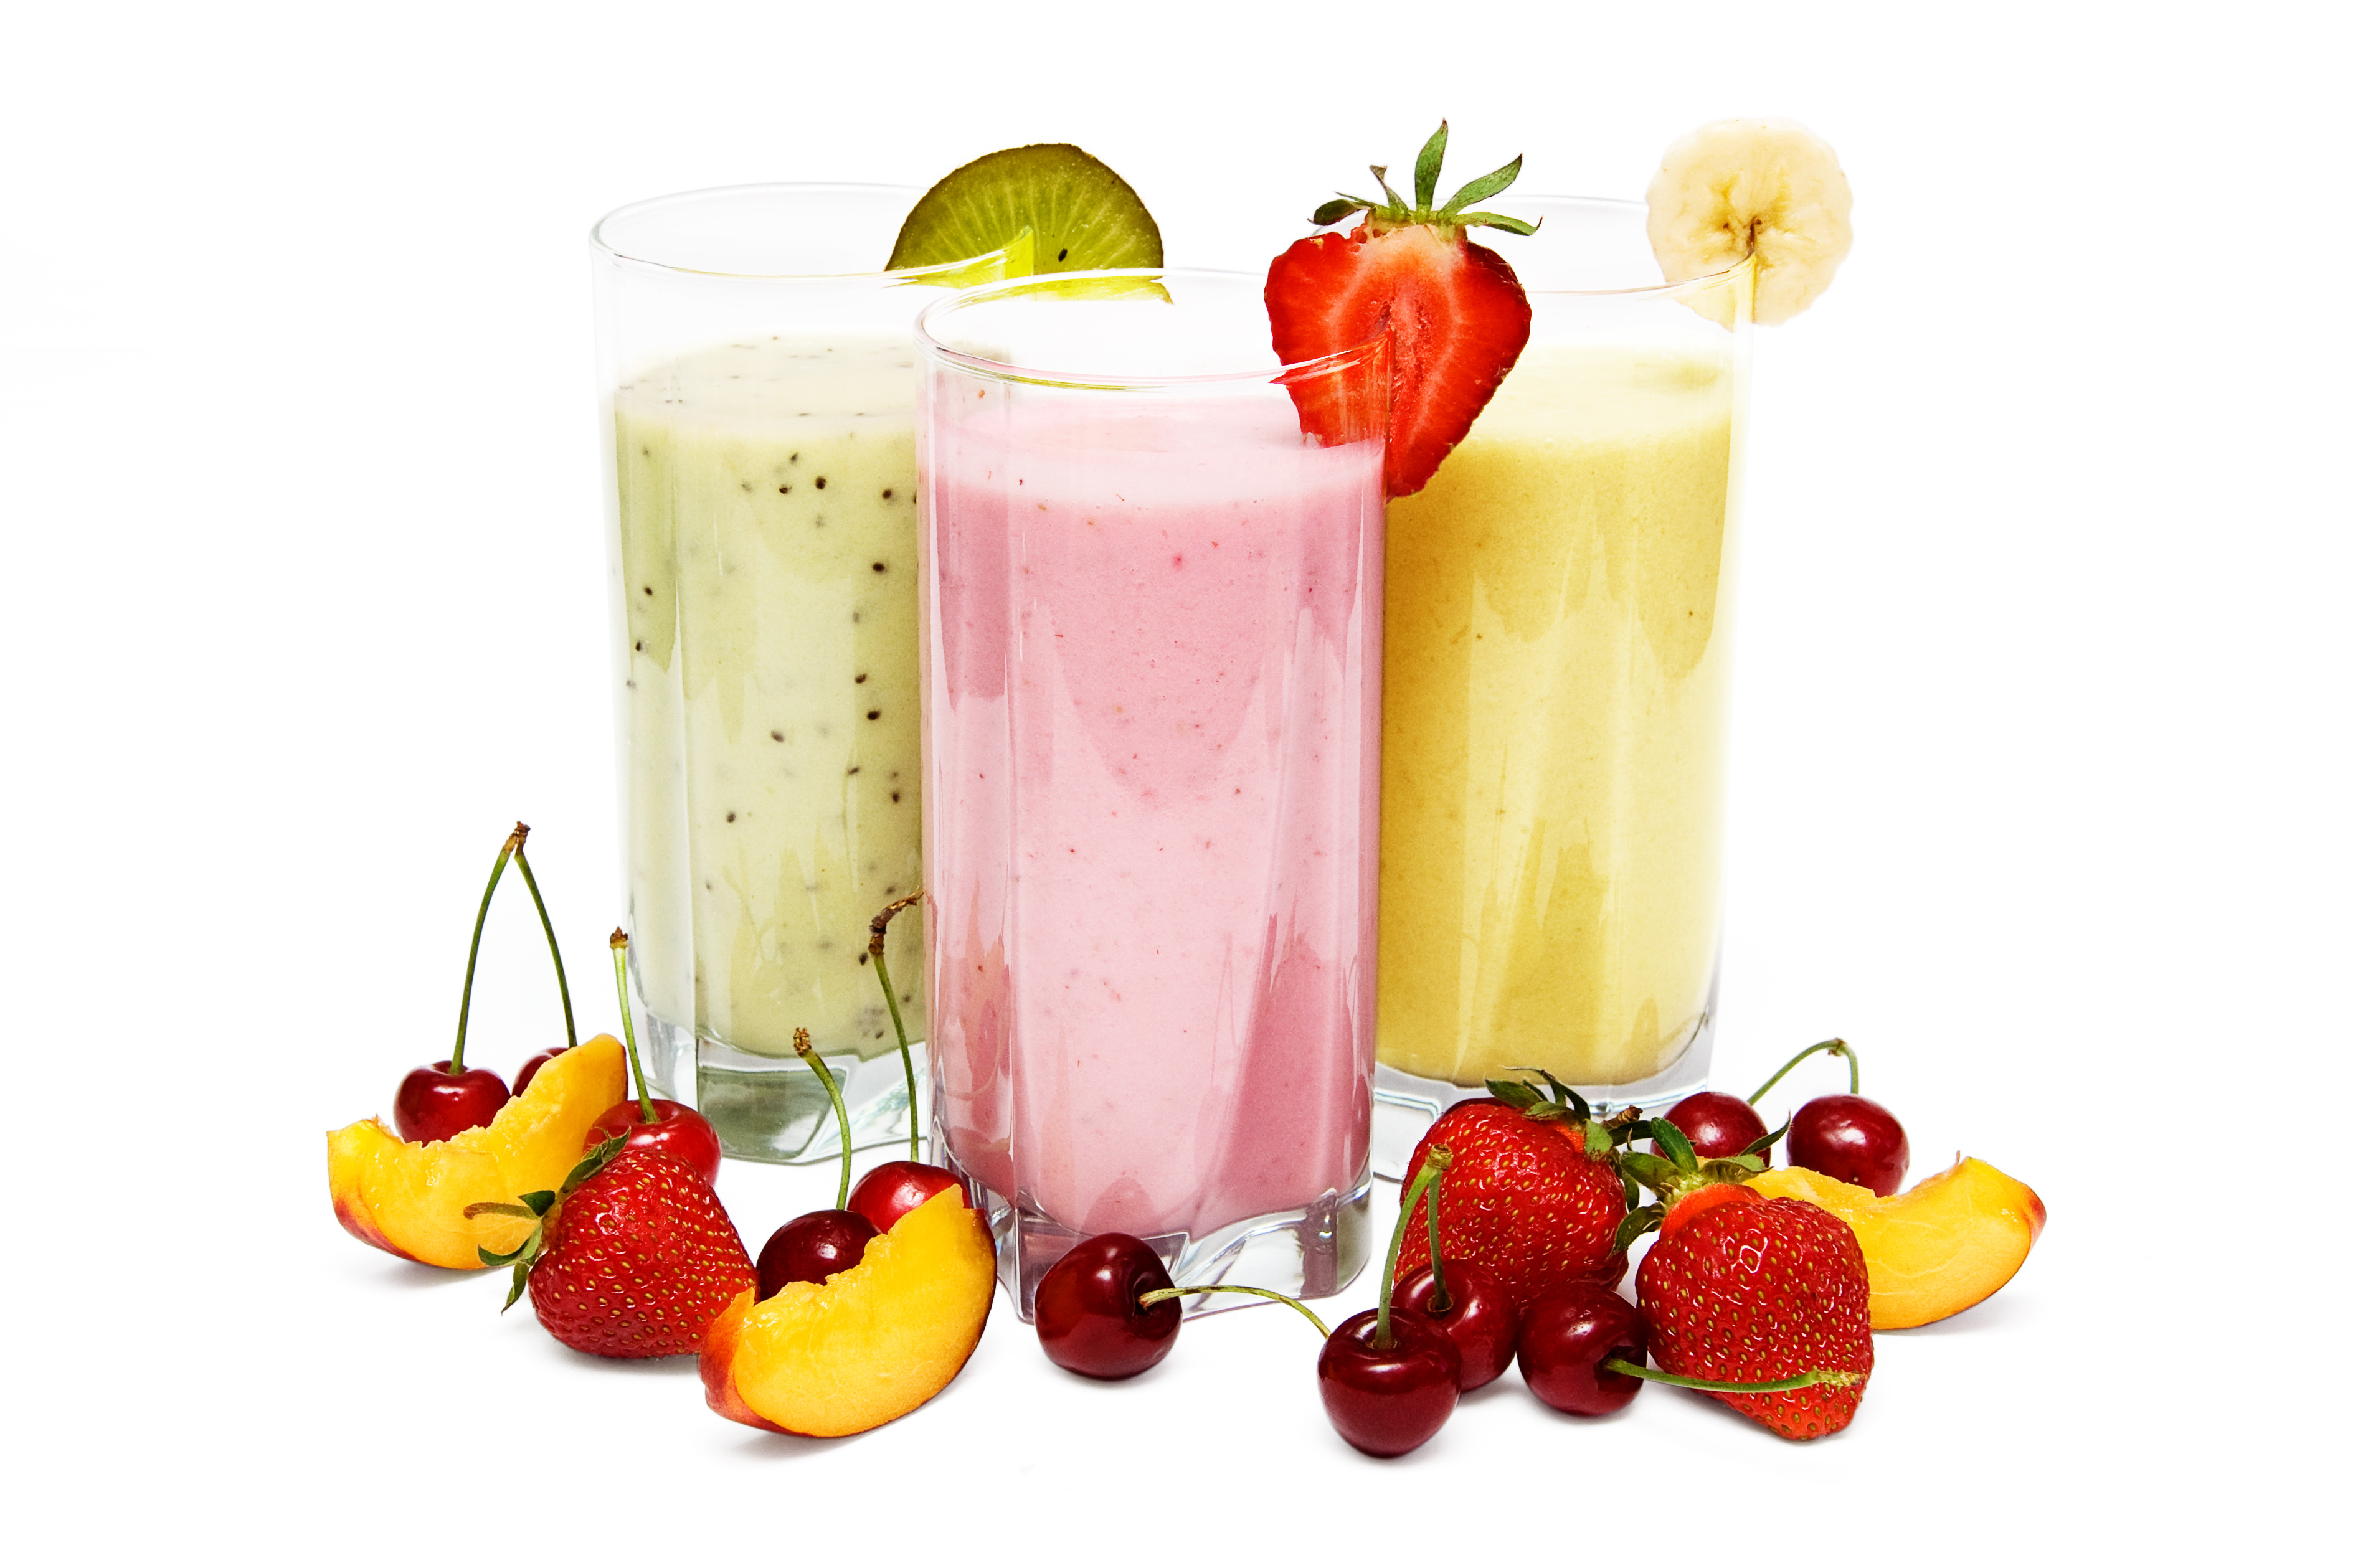 resepi cinch shake mudah  lazat vitamin kita Resepi Lawa Jantung Pisang Enak dan Mudah